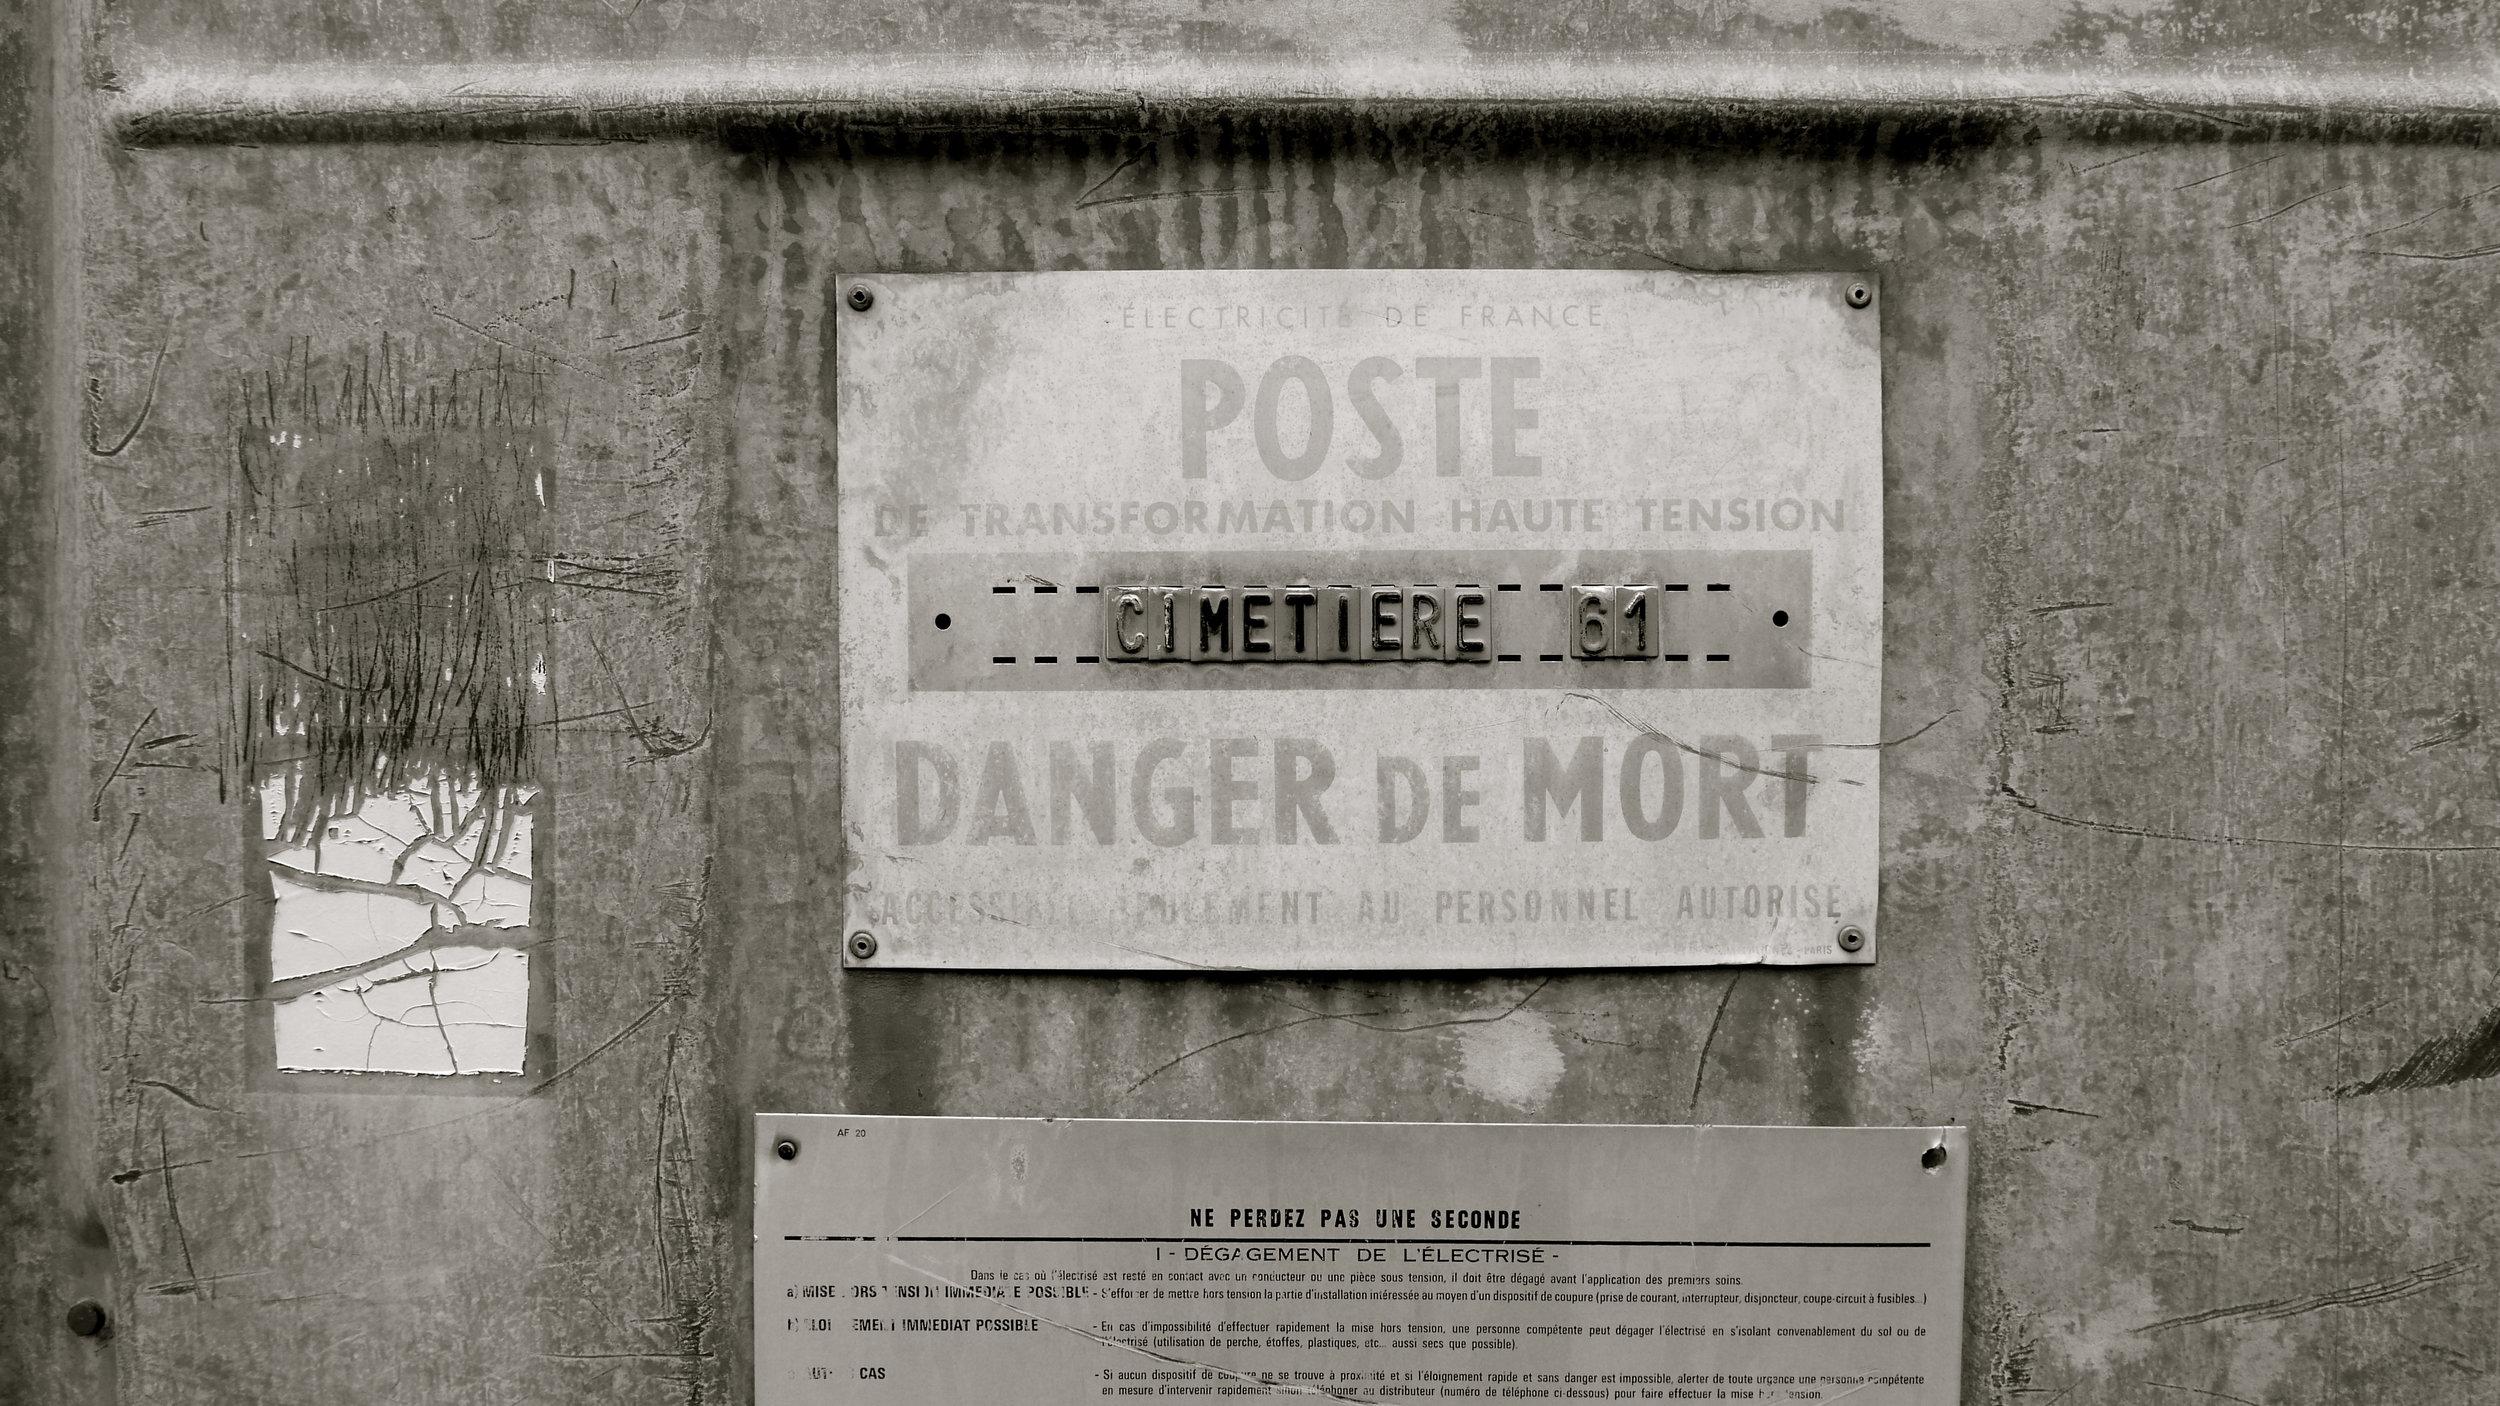 Danger de mort - 1